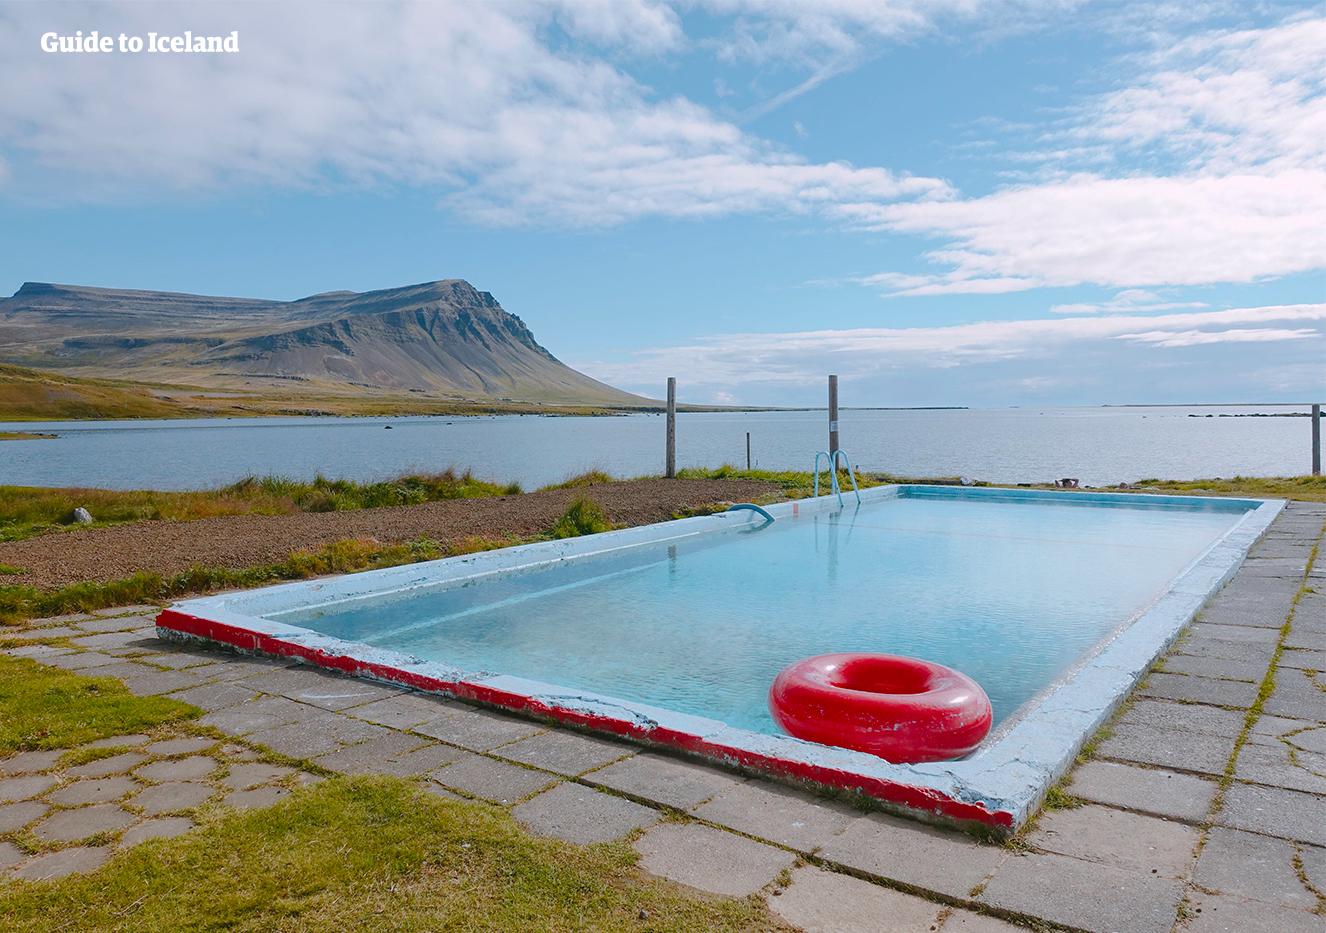 冰岛的西峡湾以高耸的观鸟悬崖而闻名